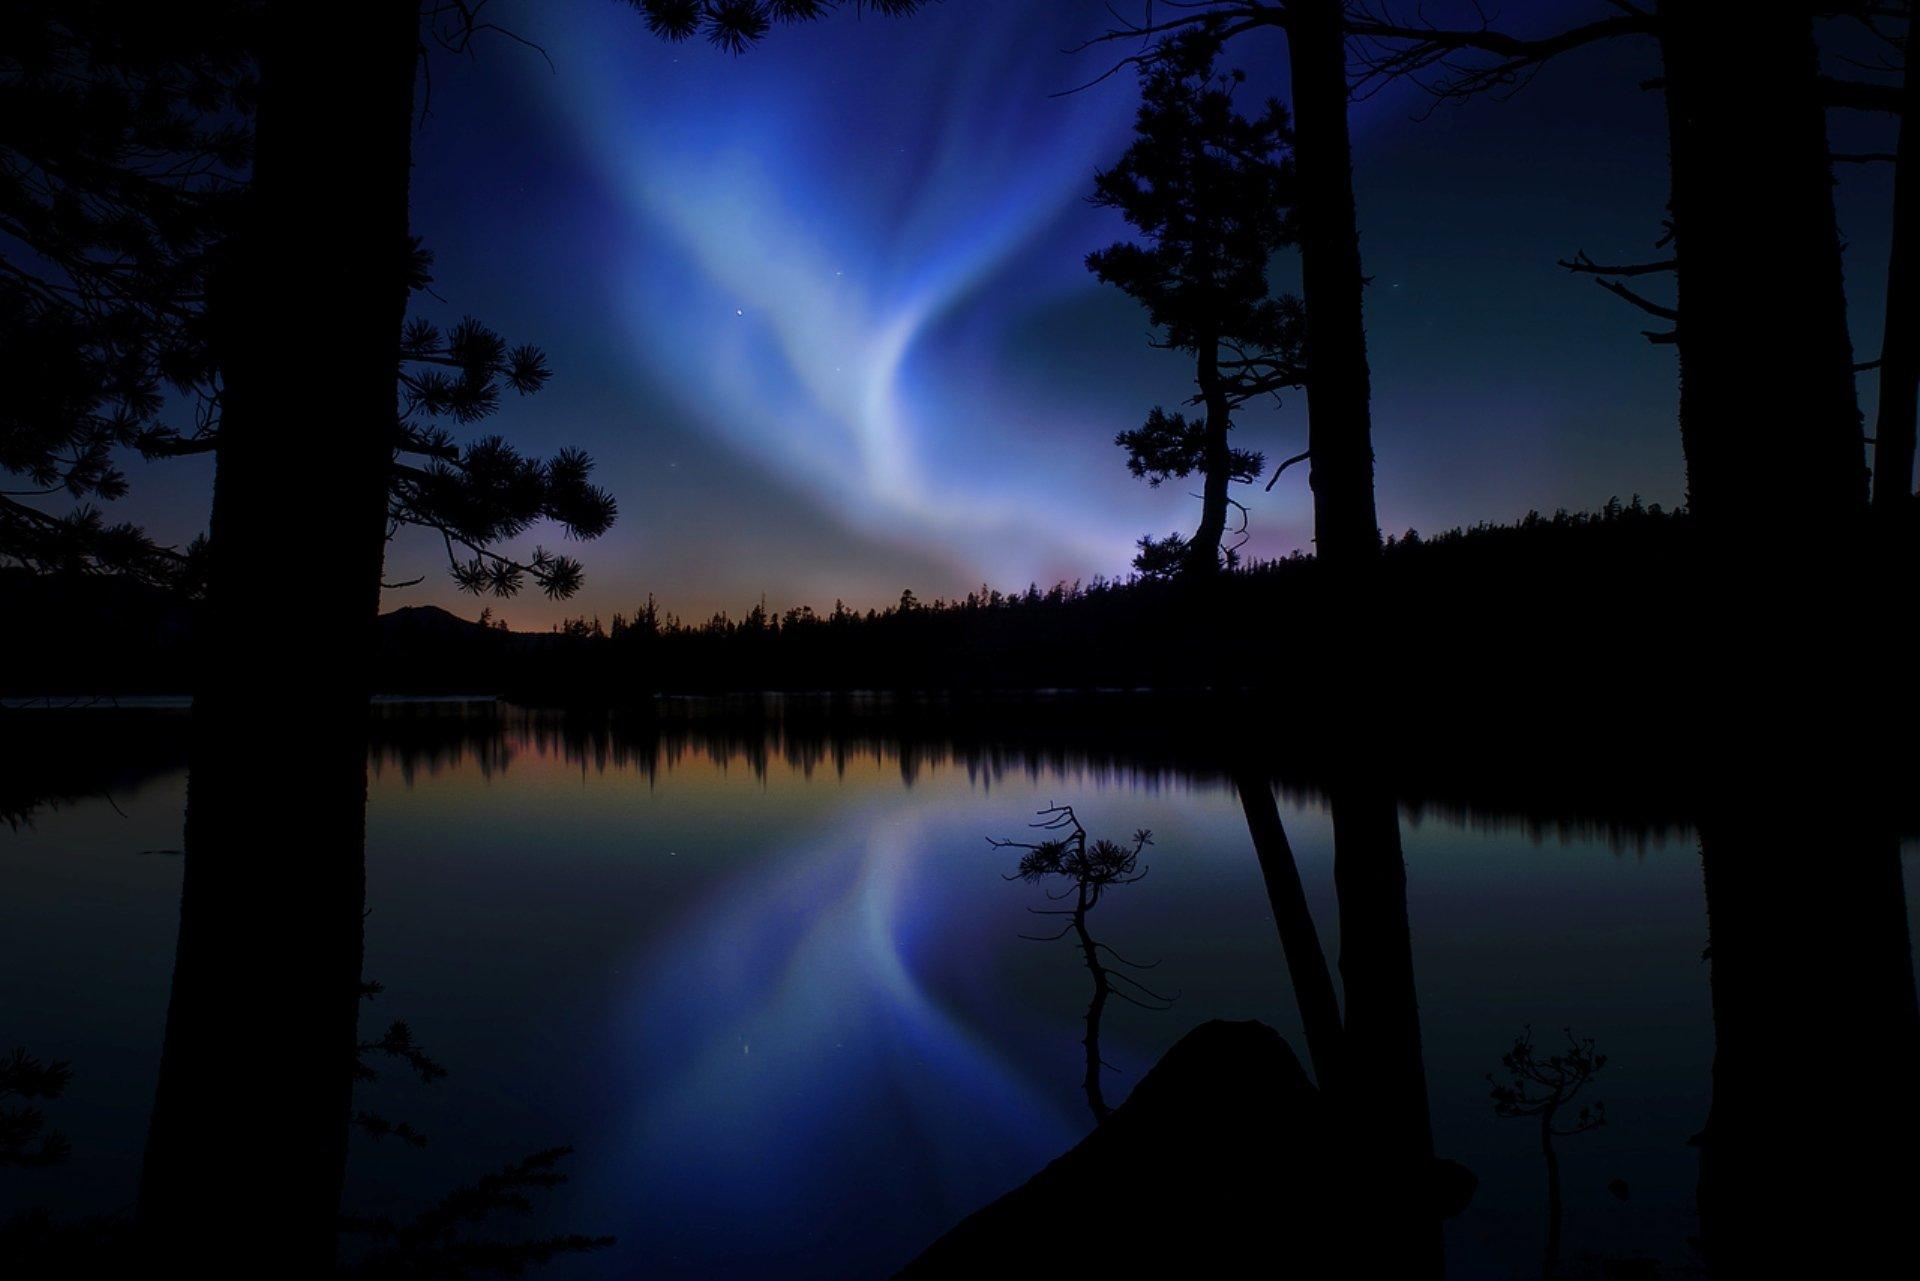 картинки лесное озеро ночью под